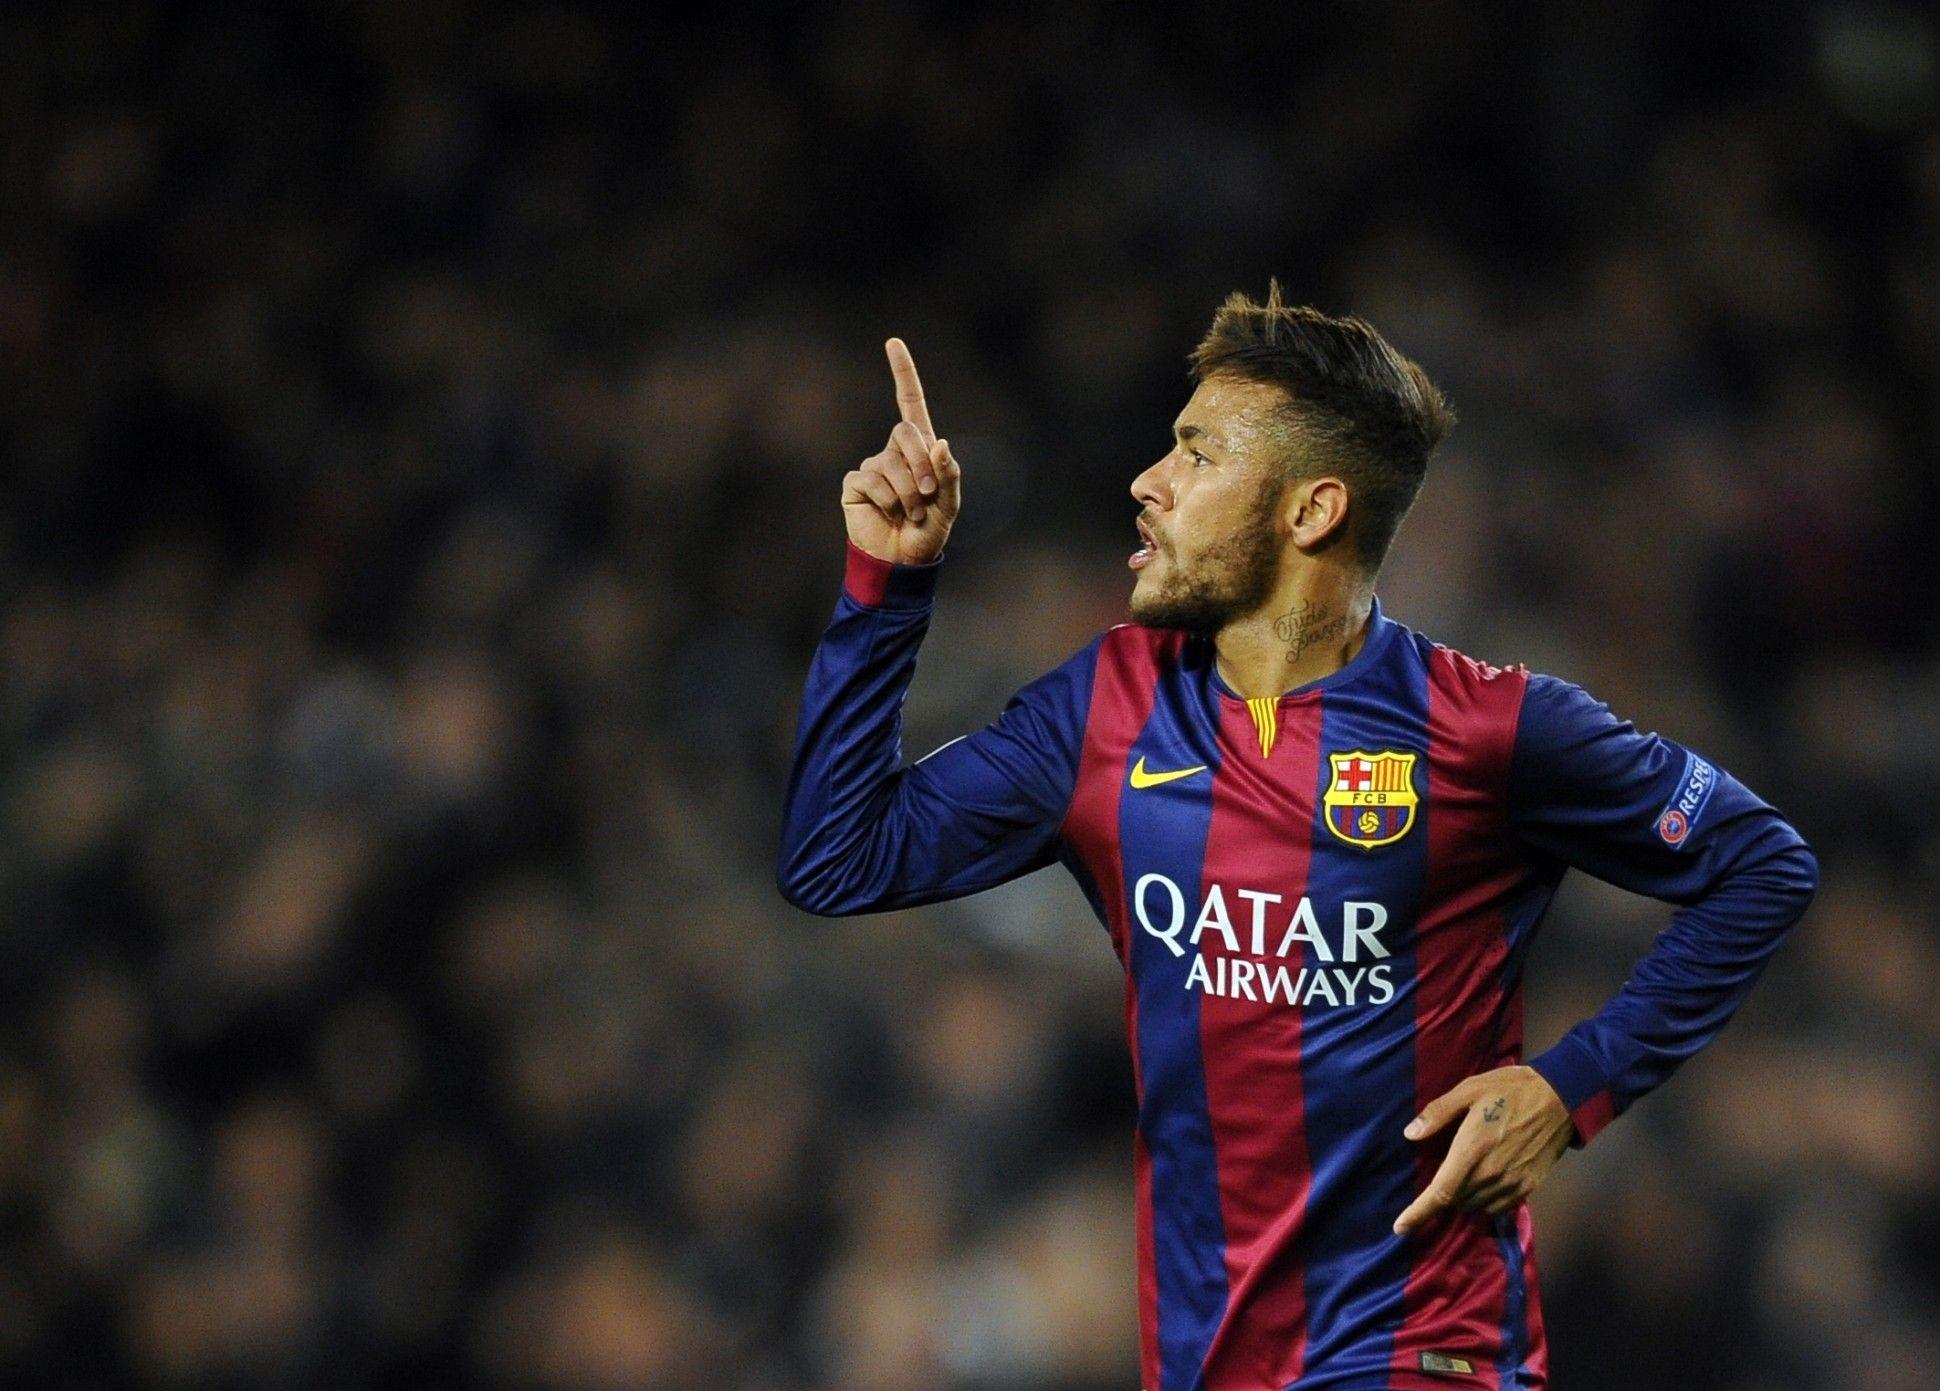 ¿Qué dice el tatuaje que Neymar tiene en el cuello?